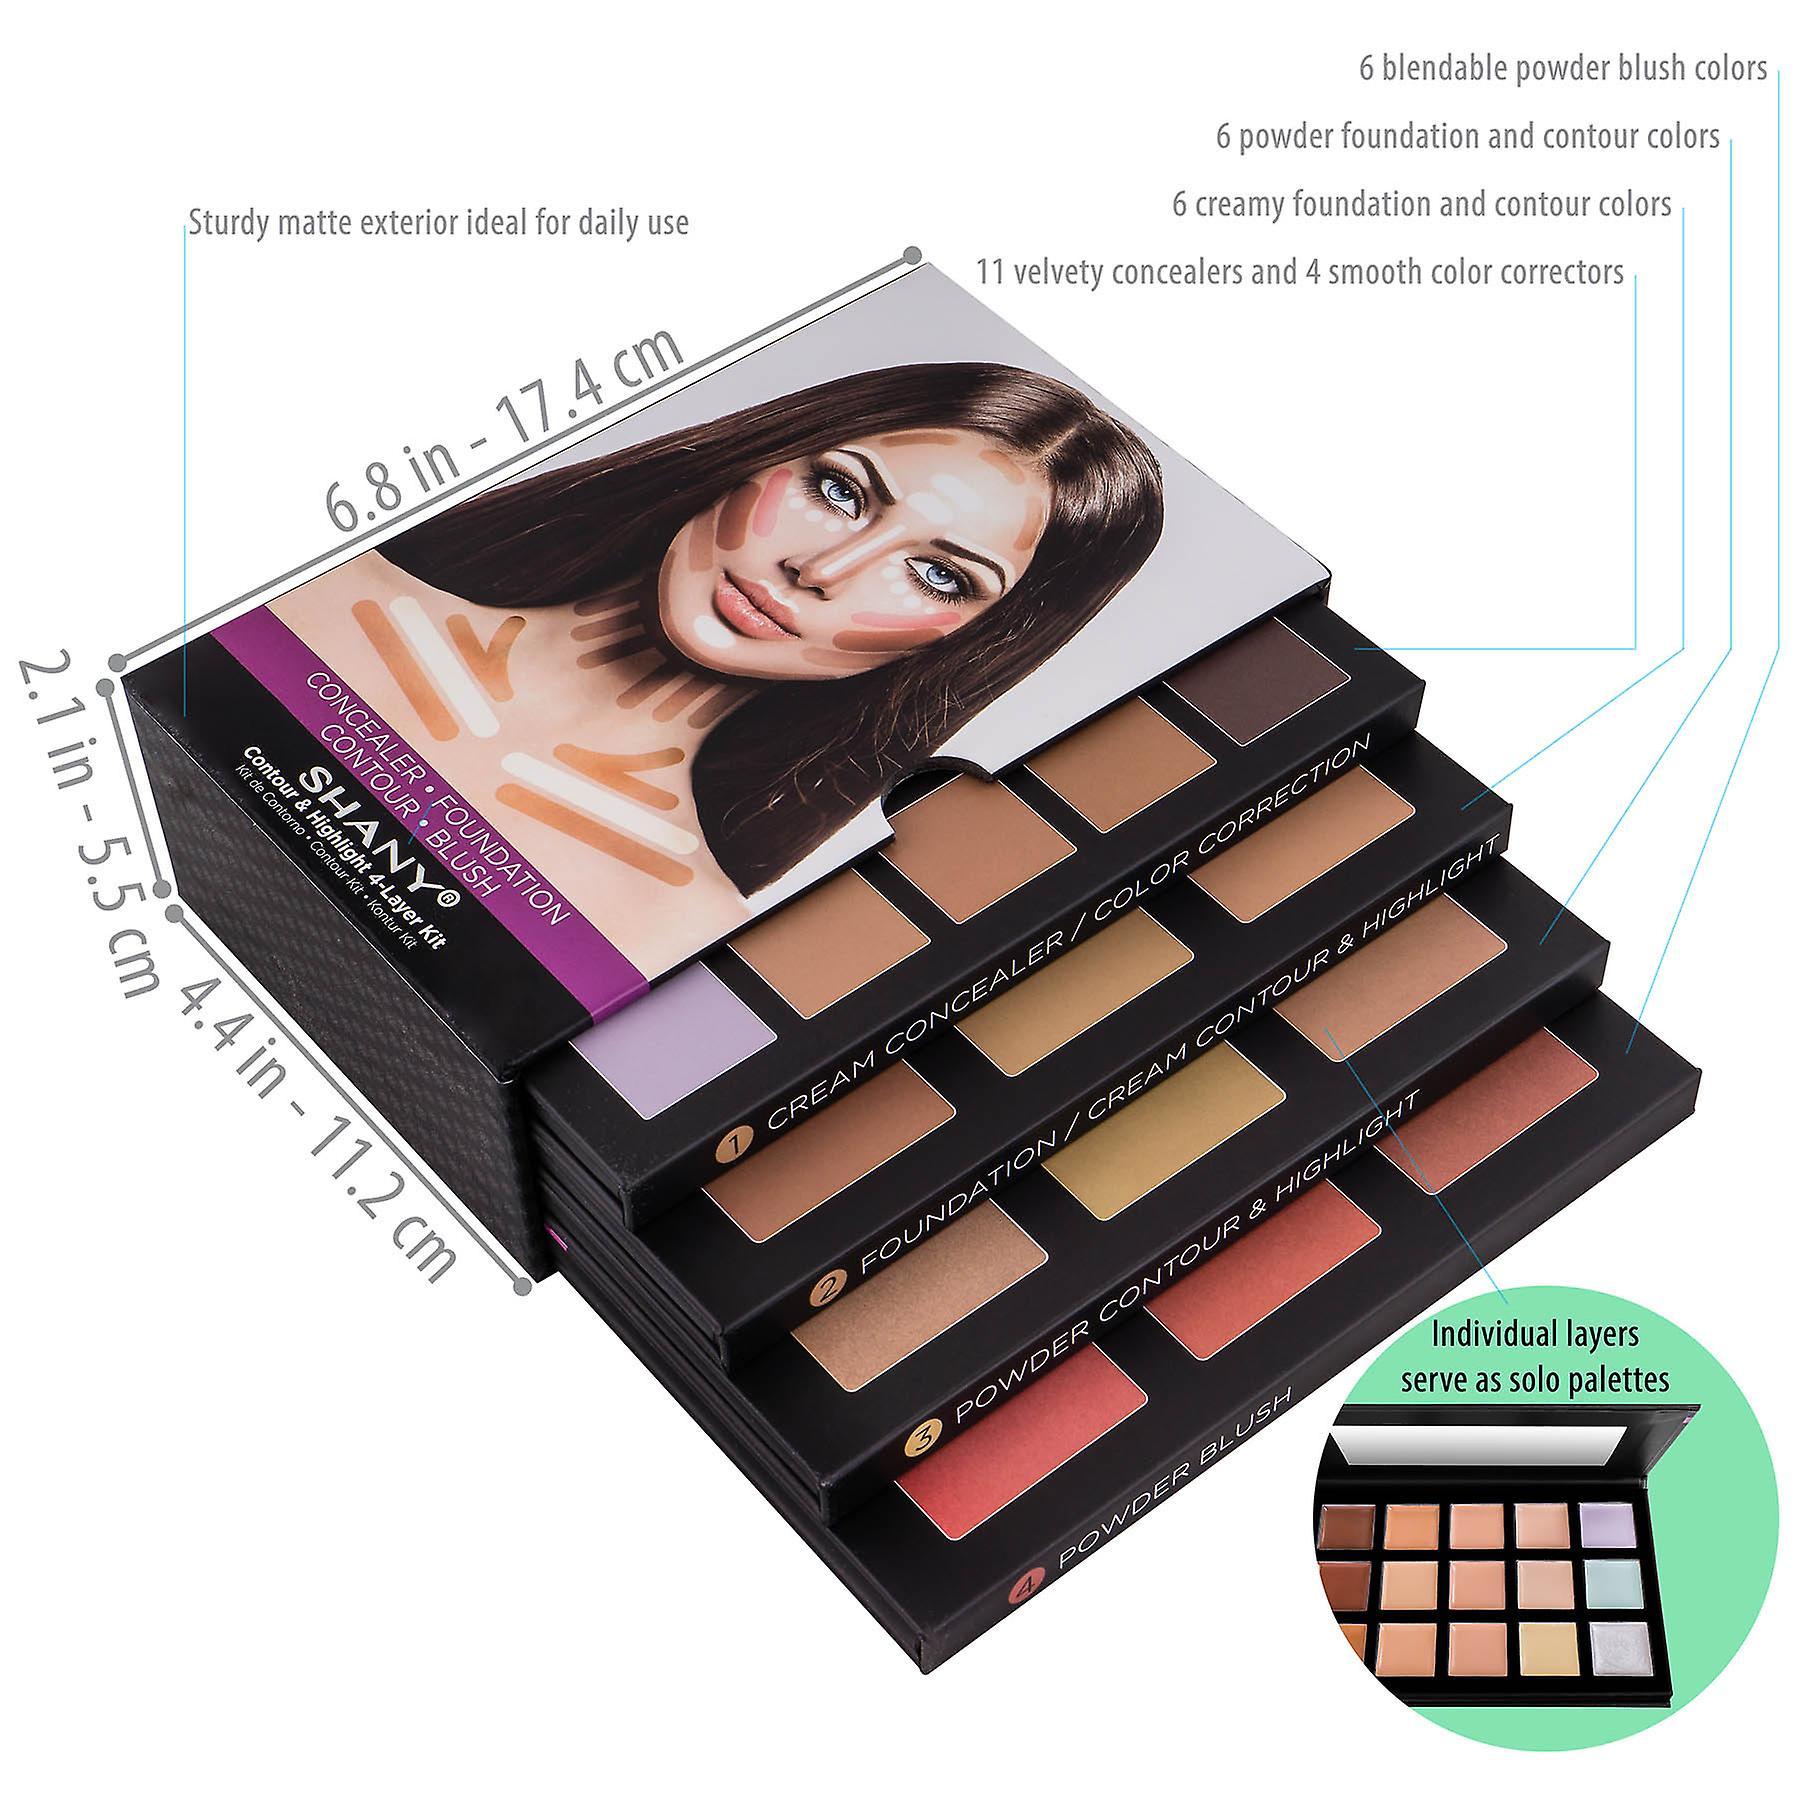 SHANY 4-Layer Contour and Highlight Makeup Kit - Ensemble de Concealer/Color Corrector, Foundation, Contour/Highlight, et Blush Palettes